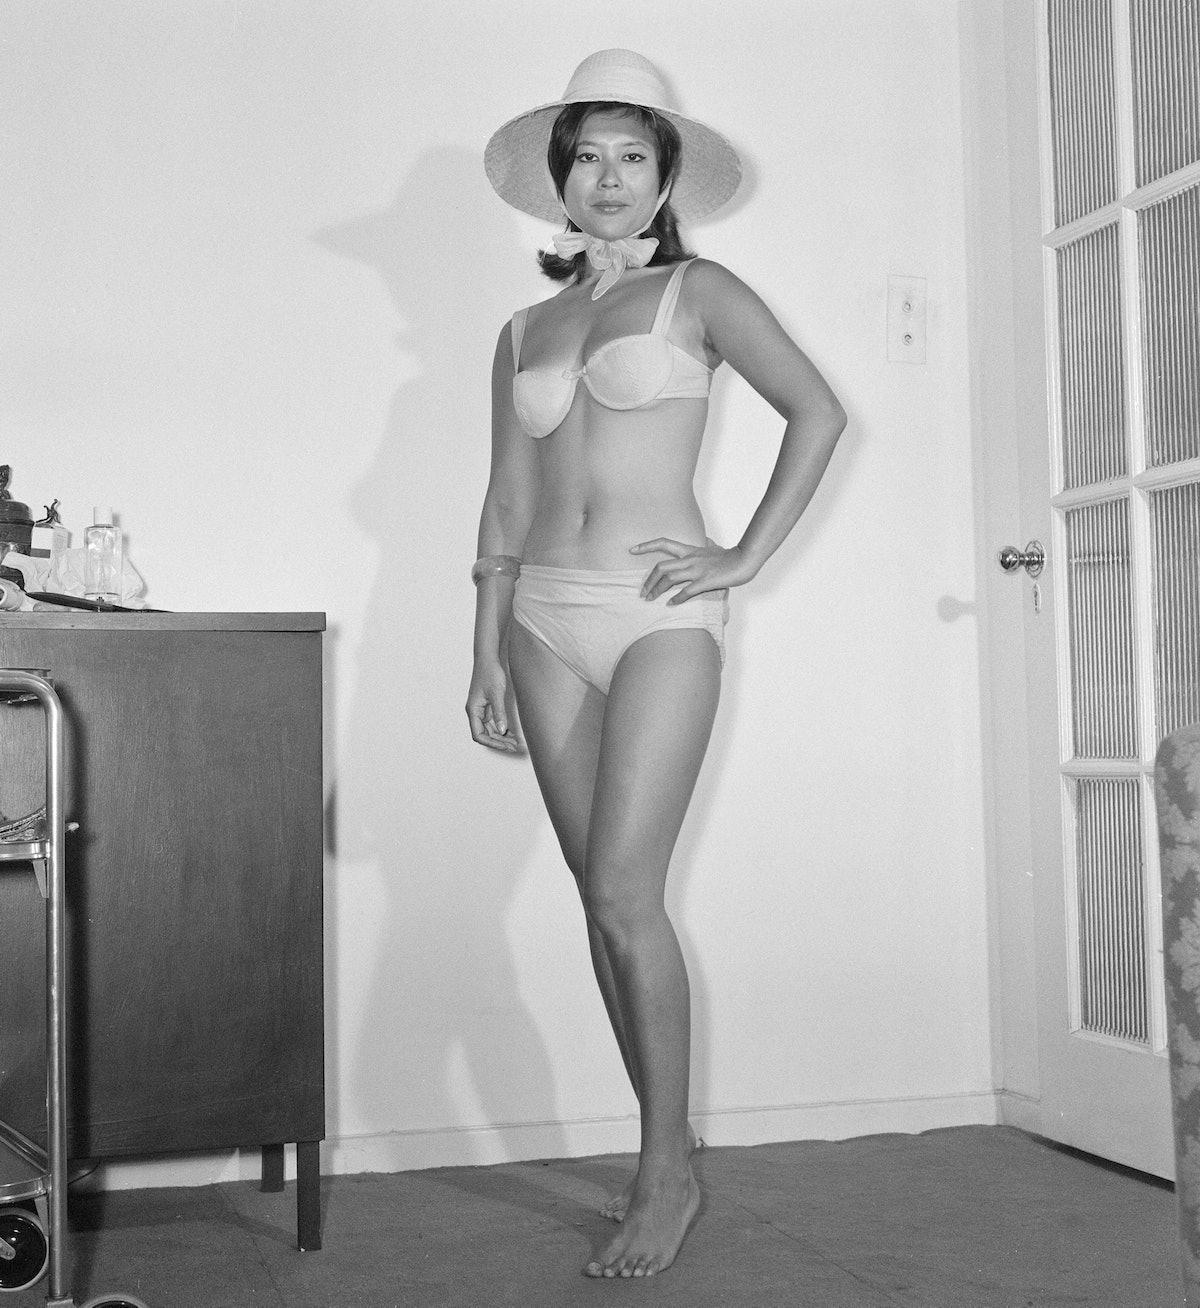 Wire Cup Bikini